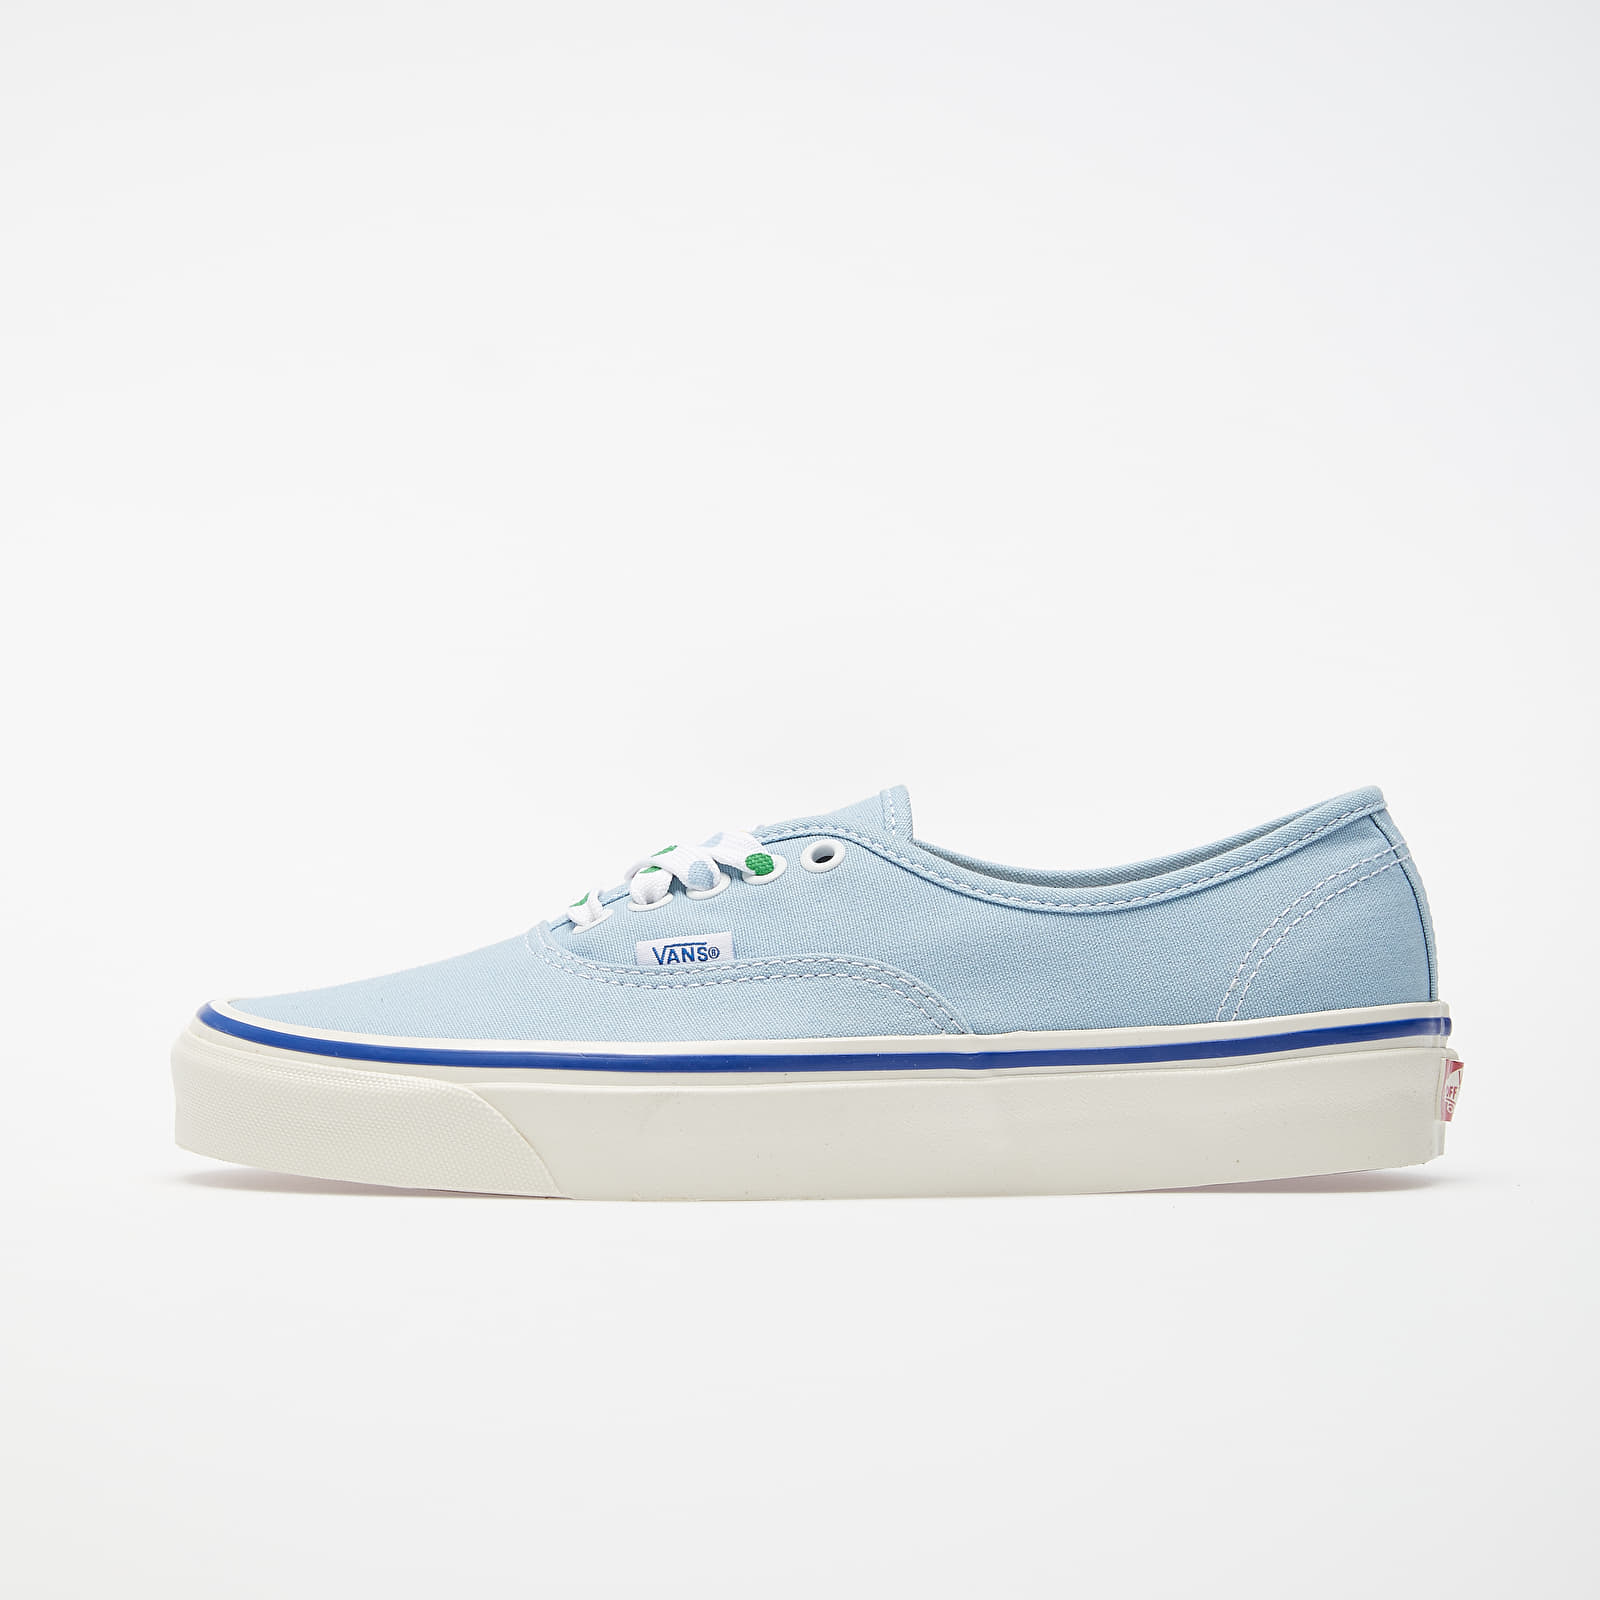 Pánské tenisky a boty Vans Authentic 44 Dx Og Light Blue